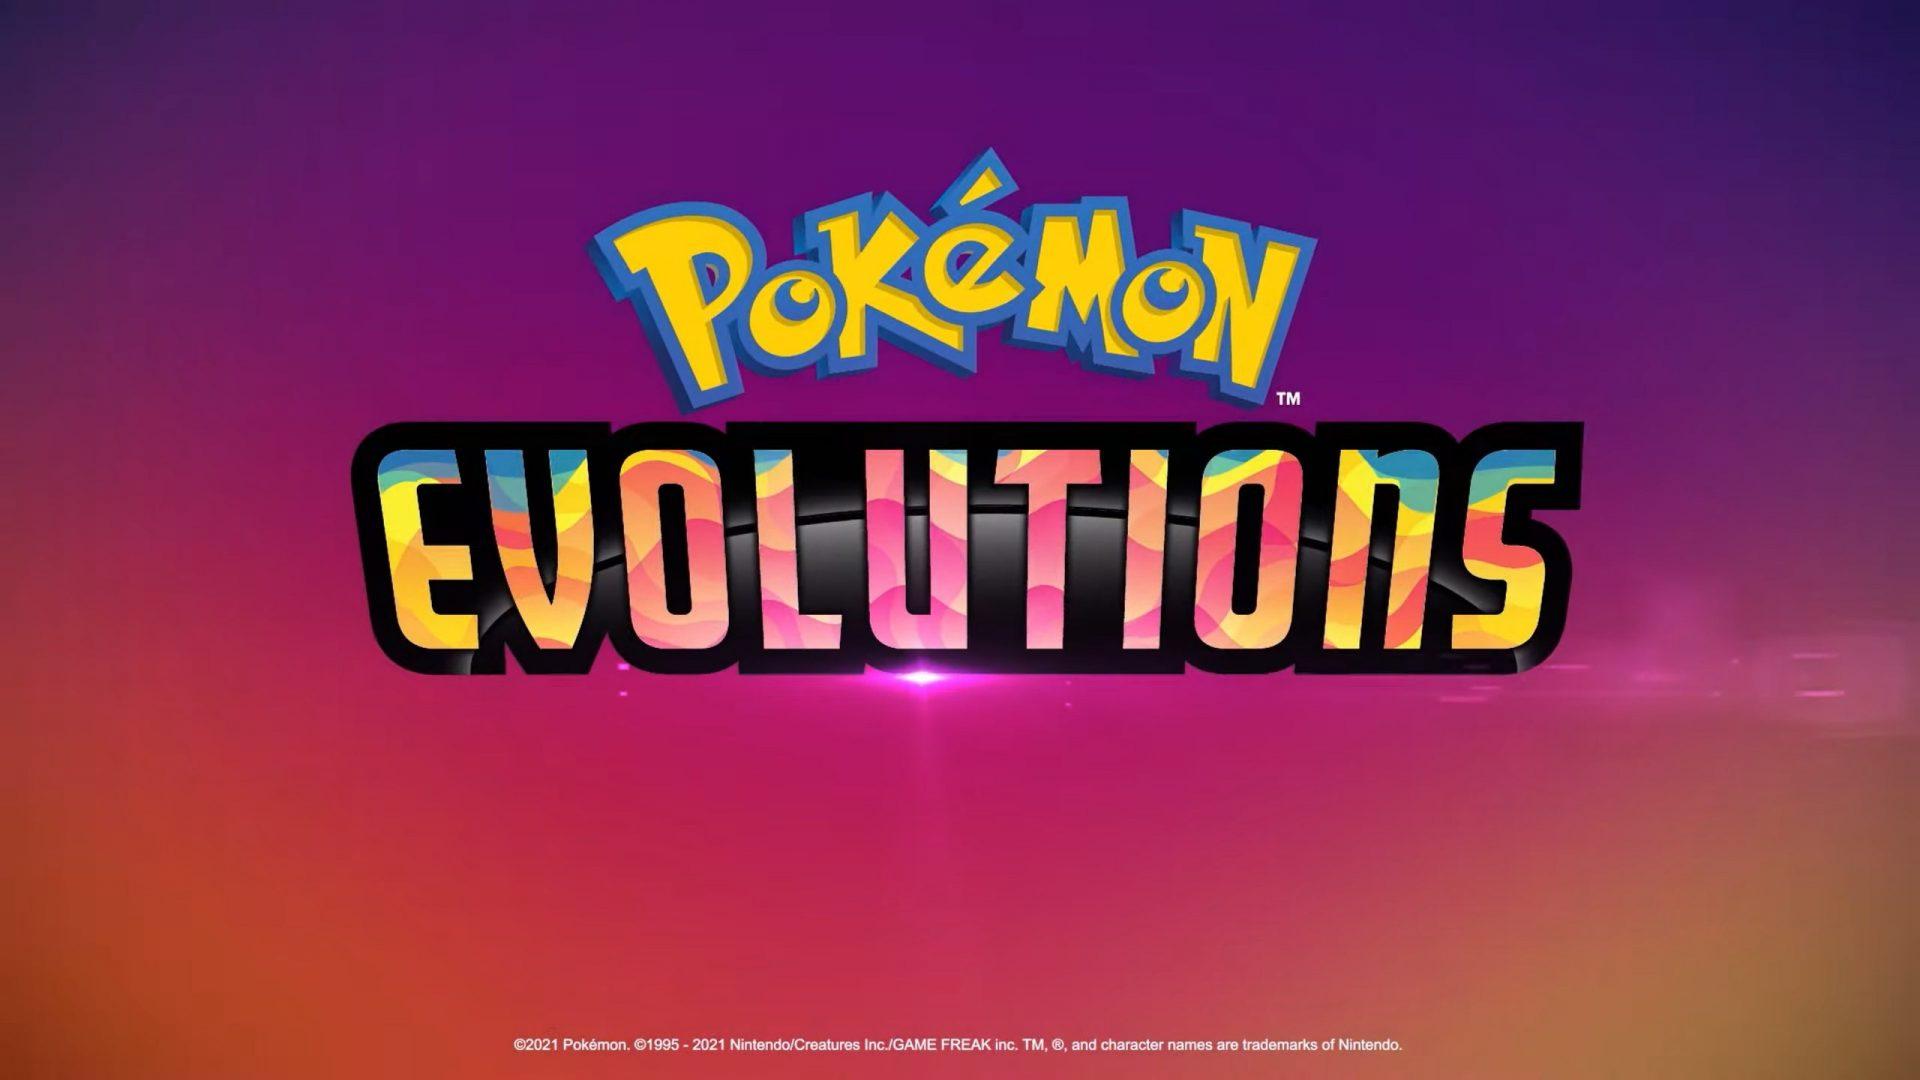 Pokémon Evolutions è la nuova serie animata esclusivamente online